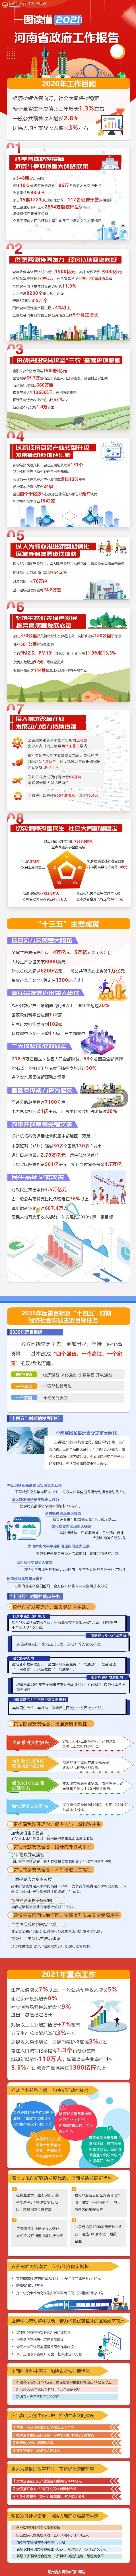 两会聚焦丨一图读懂2021河南省政府工作报告图片